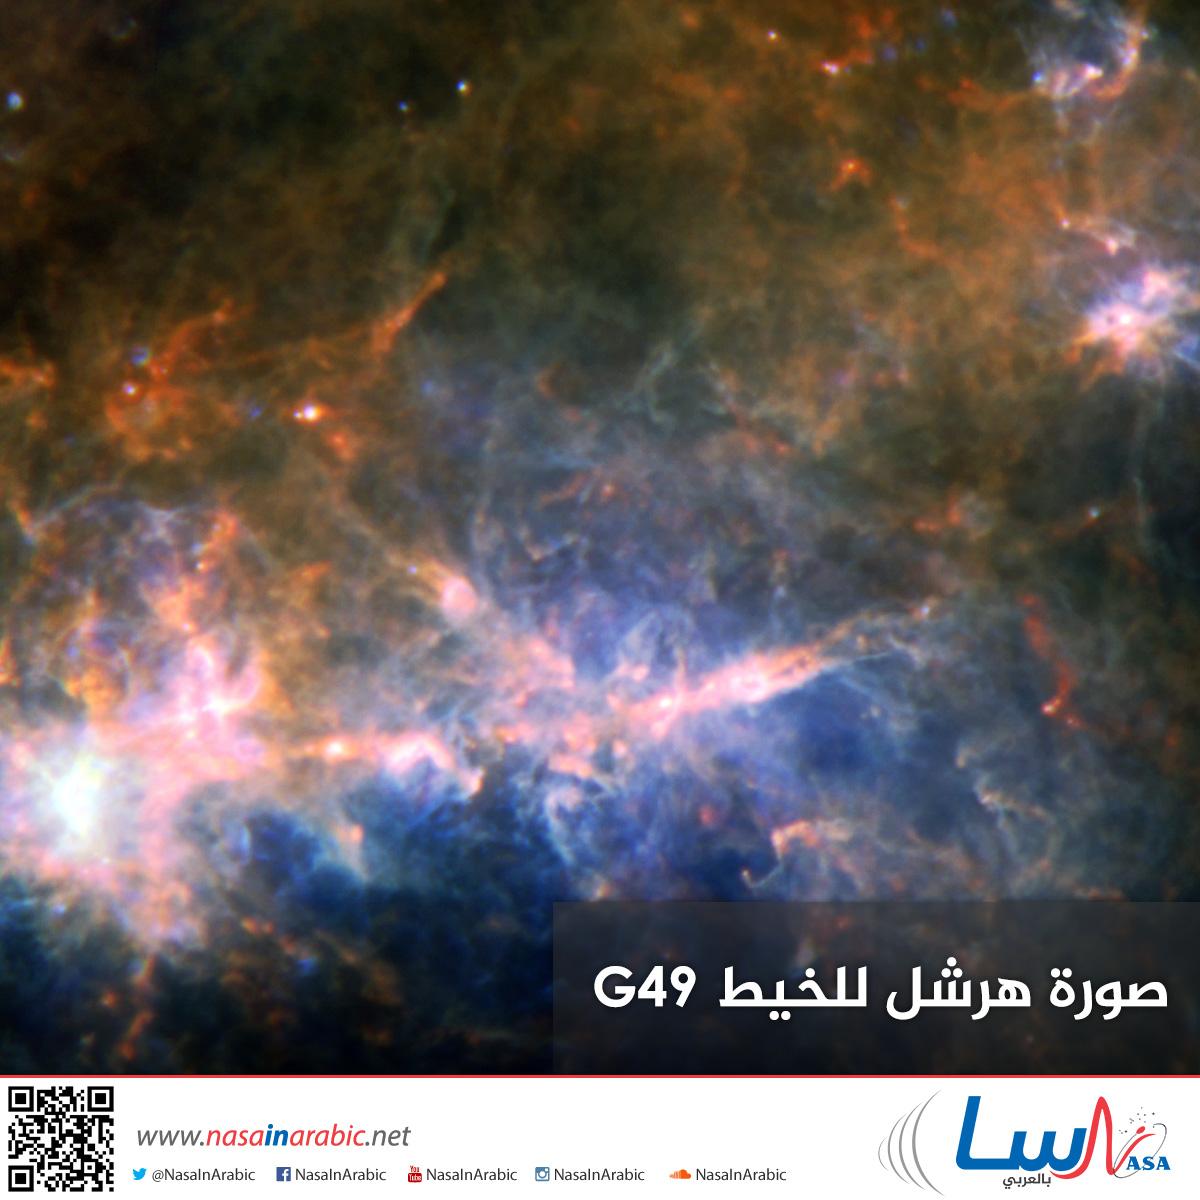 صورة هيرشل للخيط G49